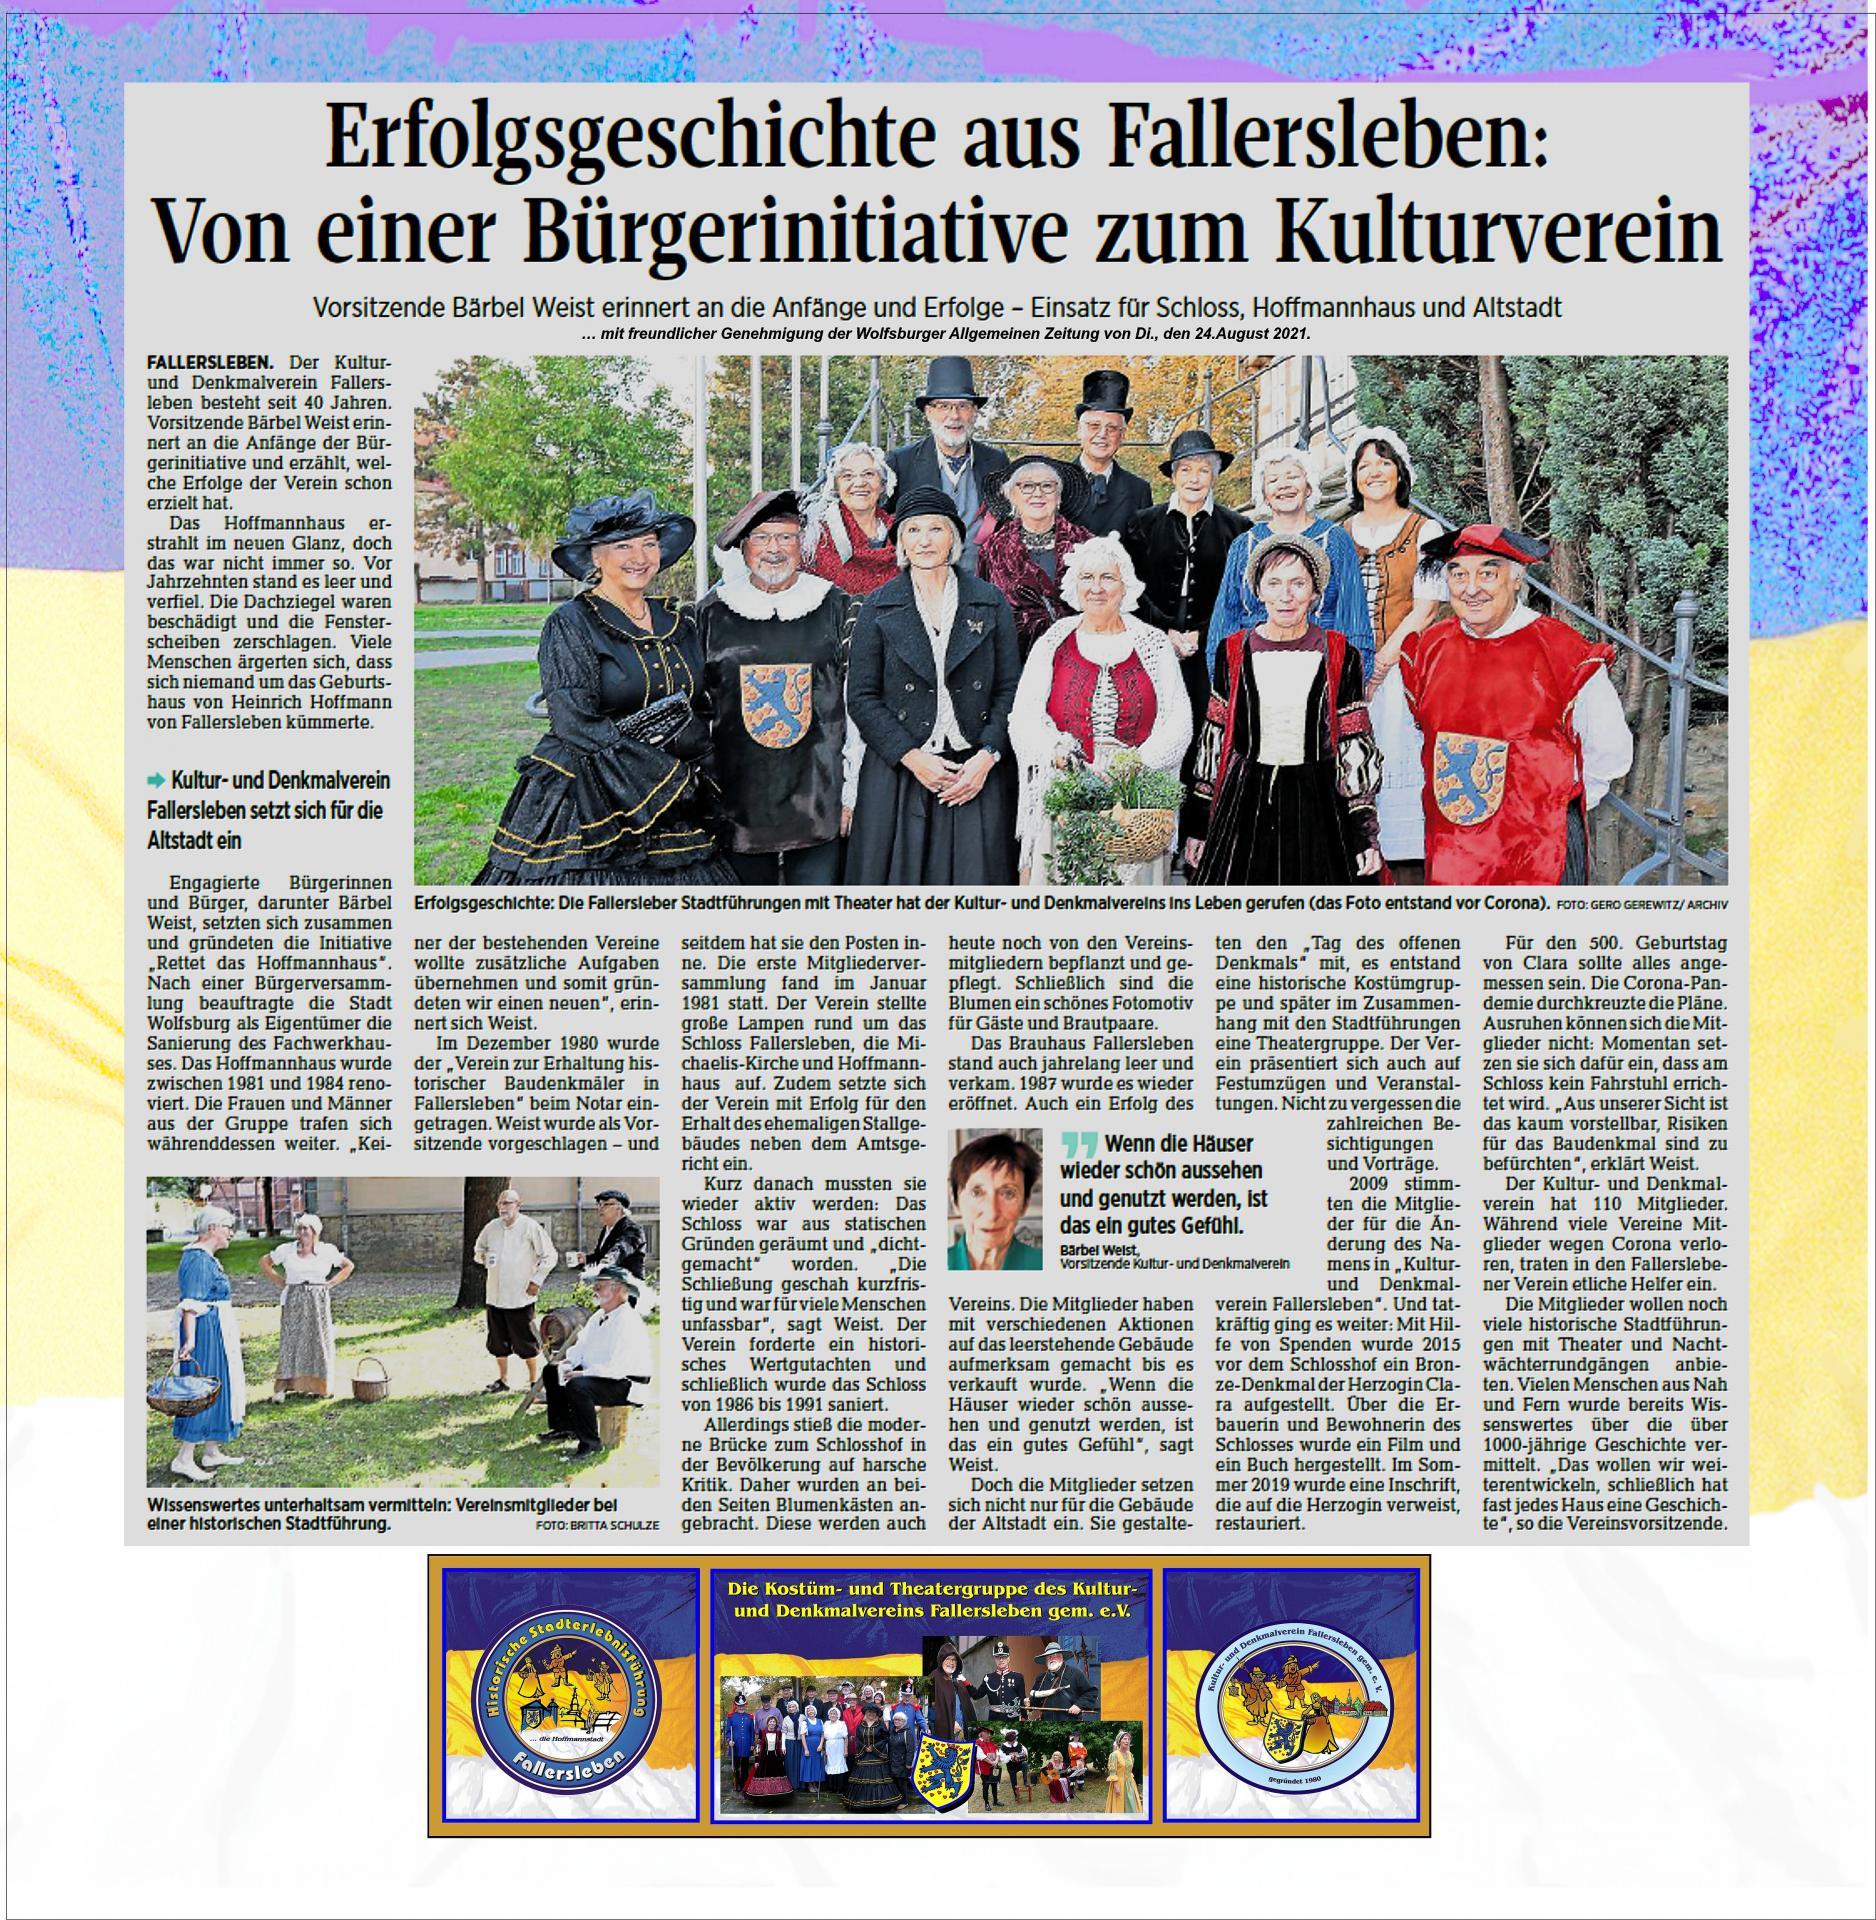 40 Jahre Kultur- und Denkmalverein Fallersleben gem. e.V.